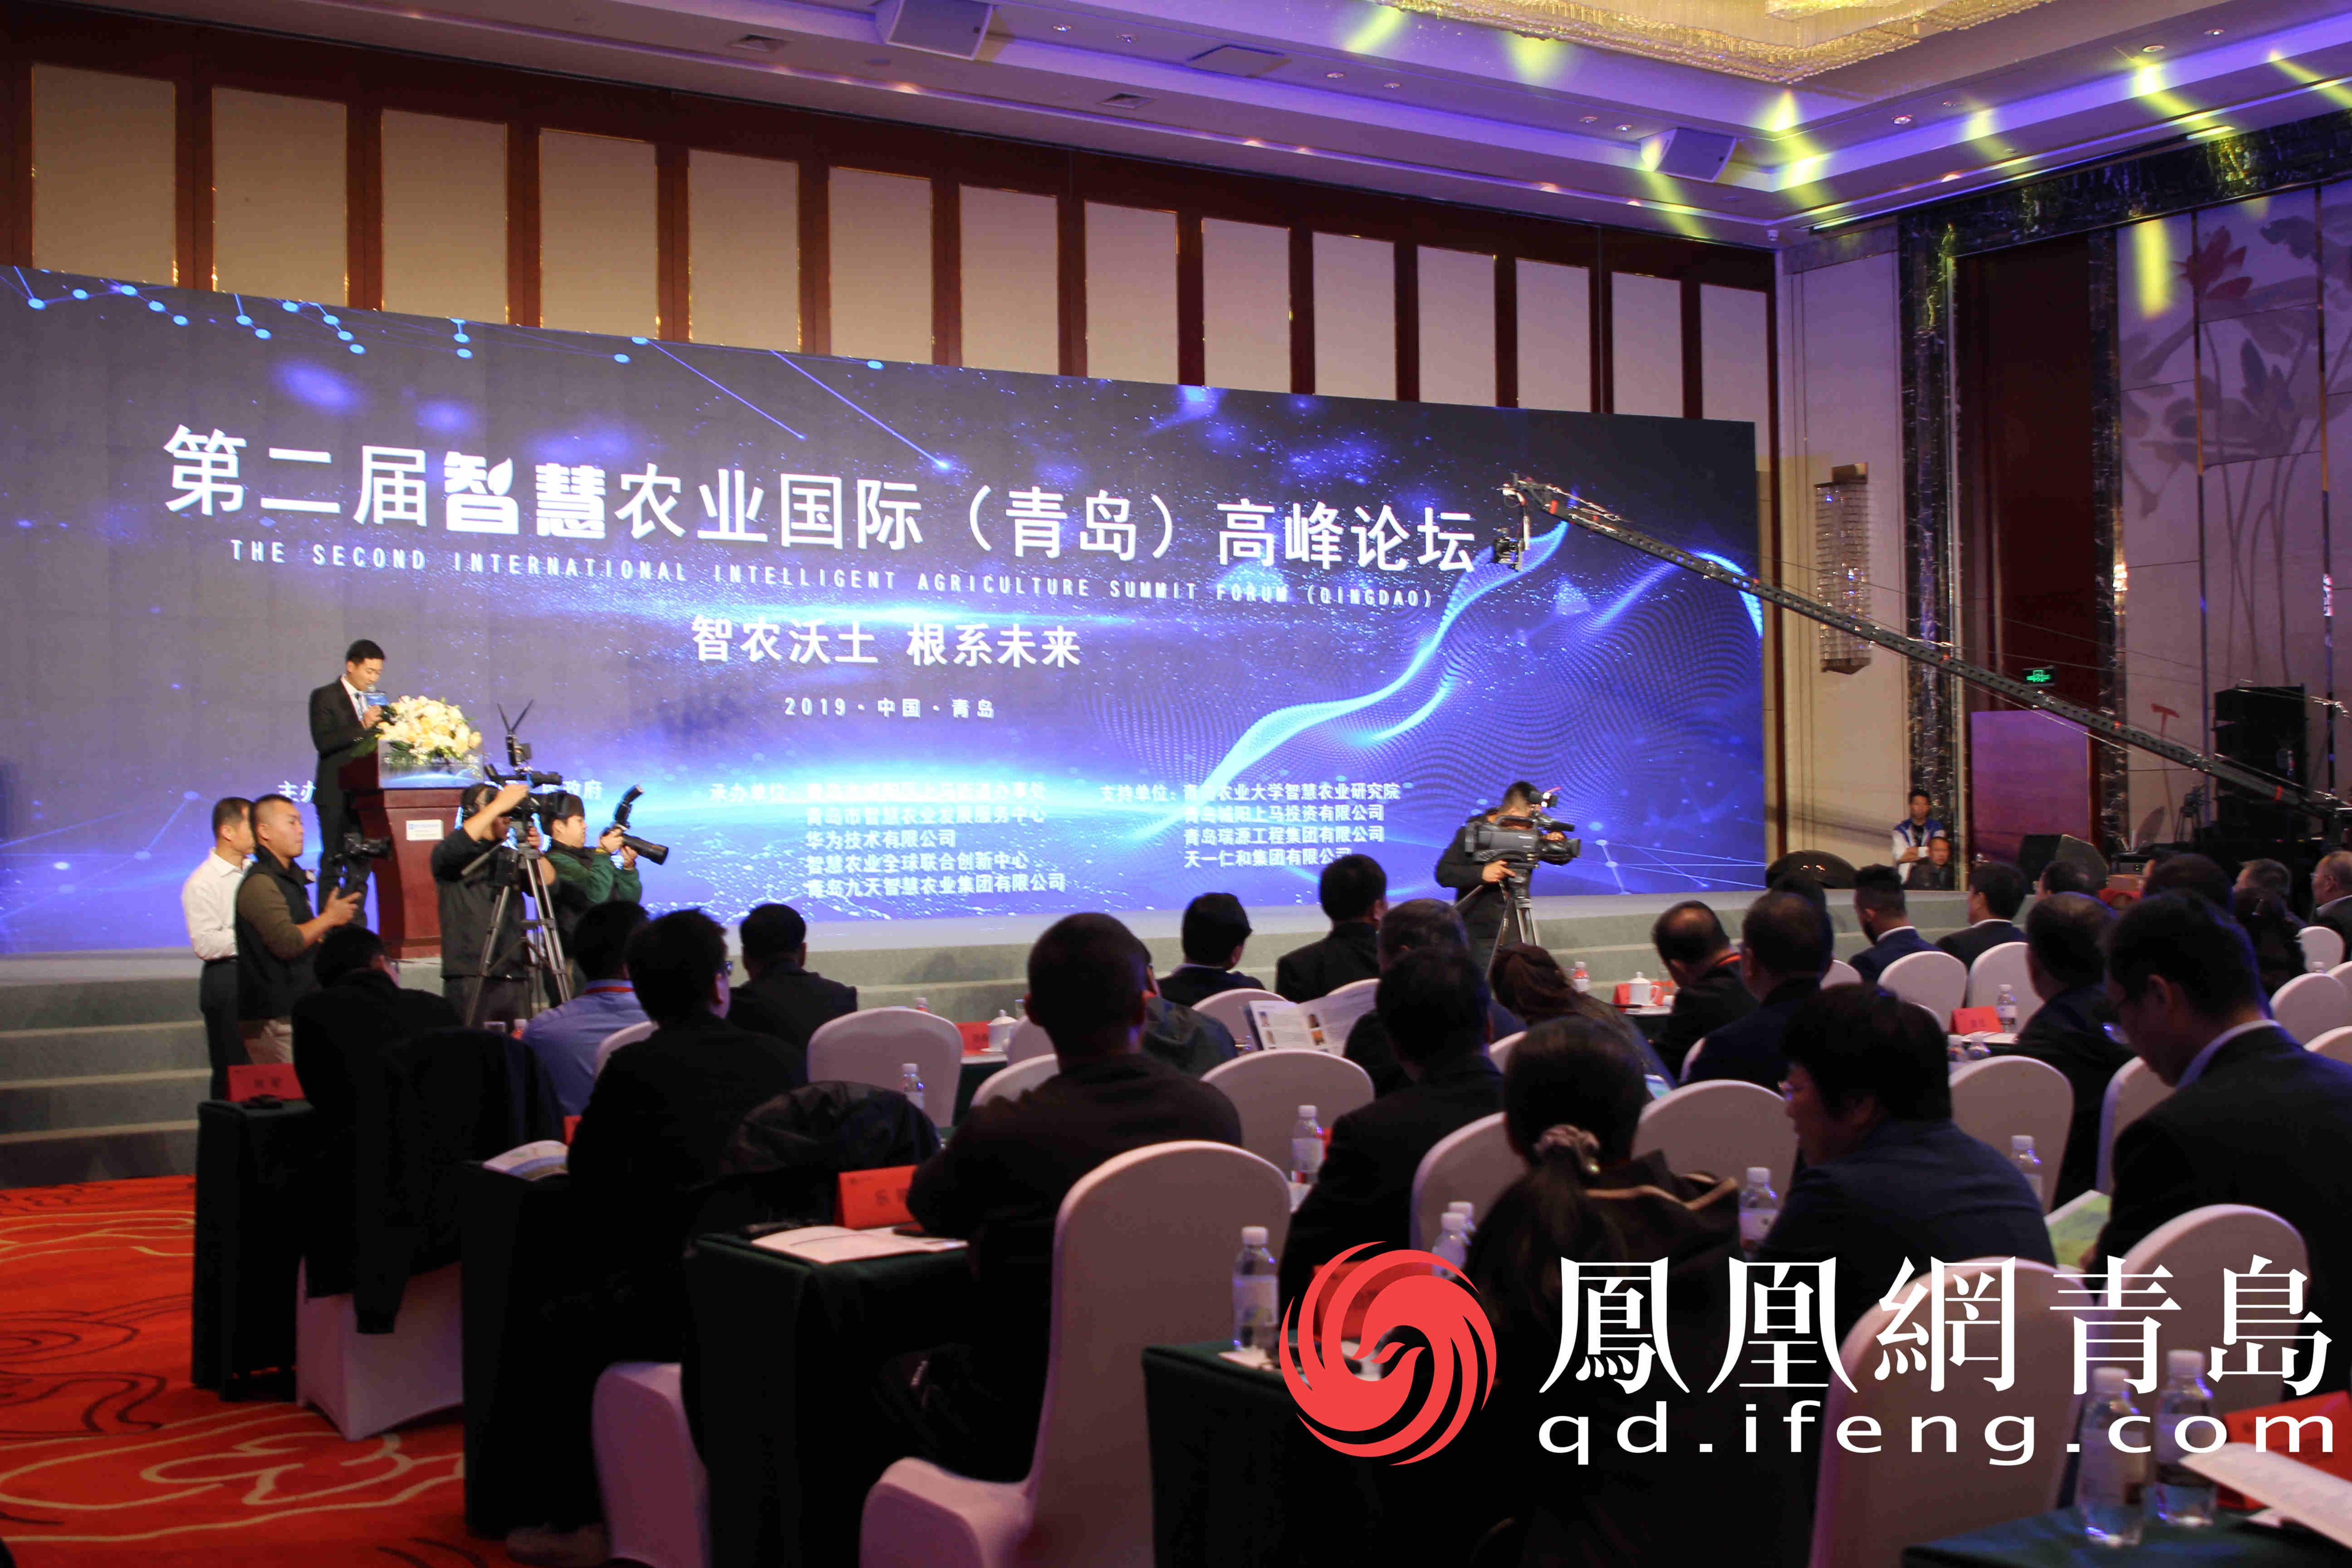 智慧农业国际(青岛)高峰论坛在城阳举办 大会主席袁隆平连线致